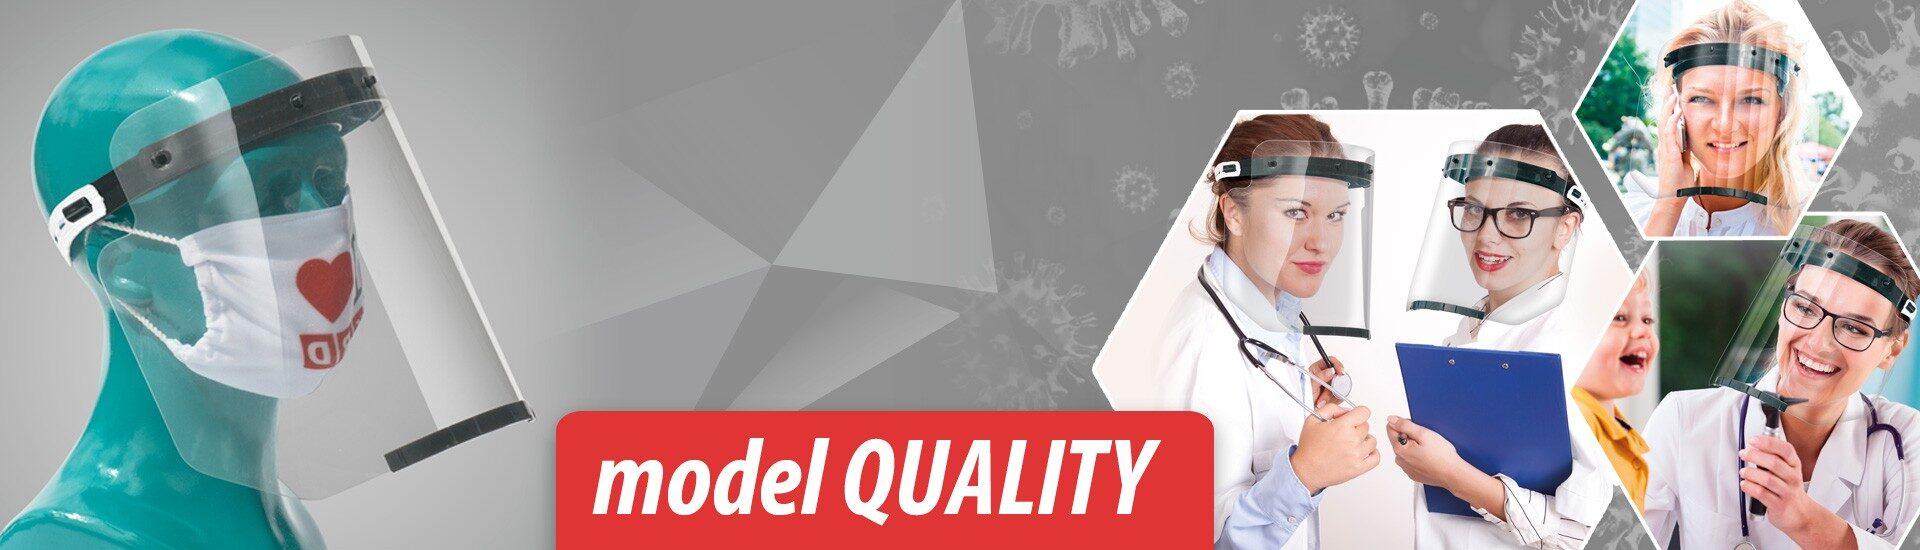 Model QUALITY KRD